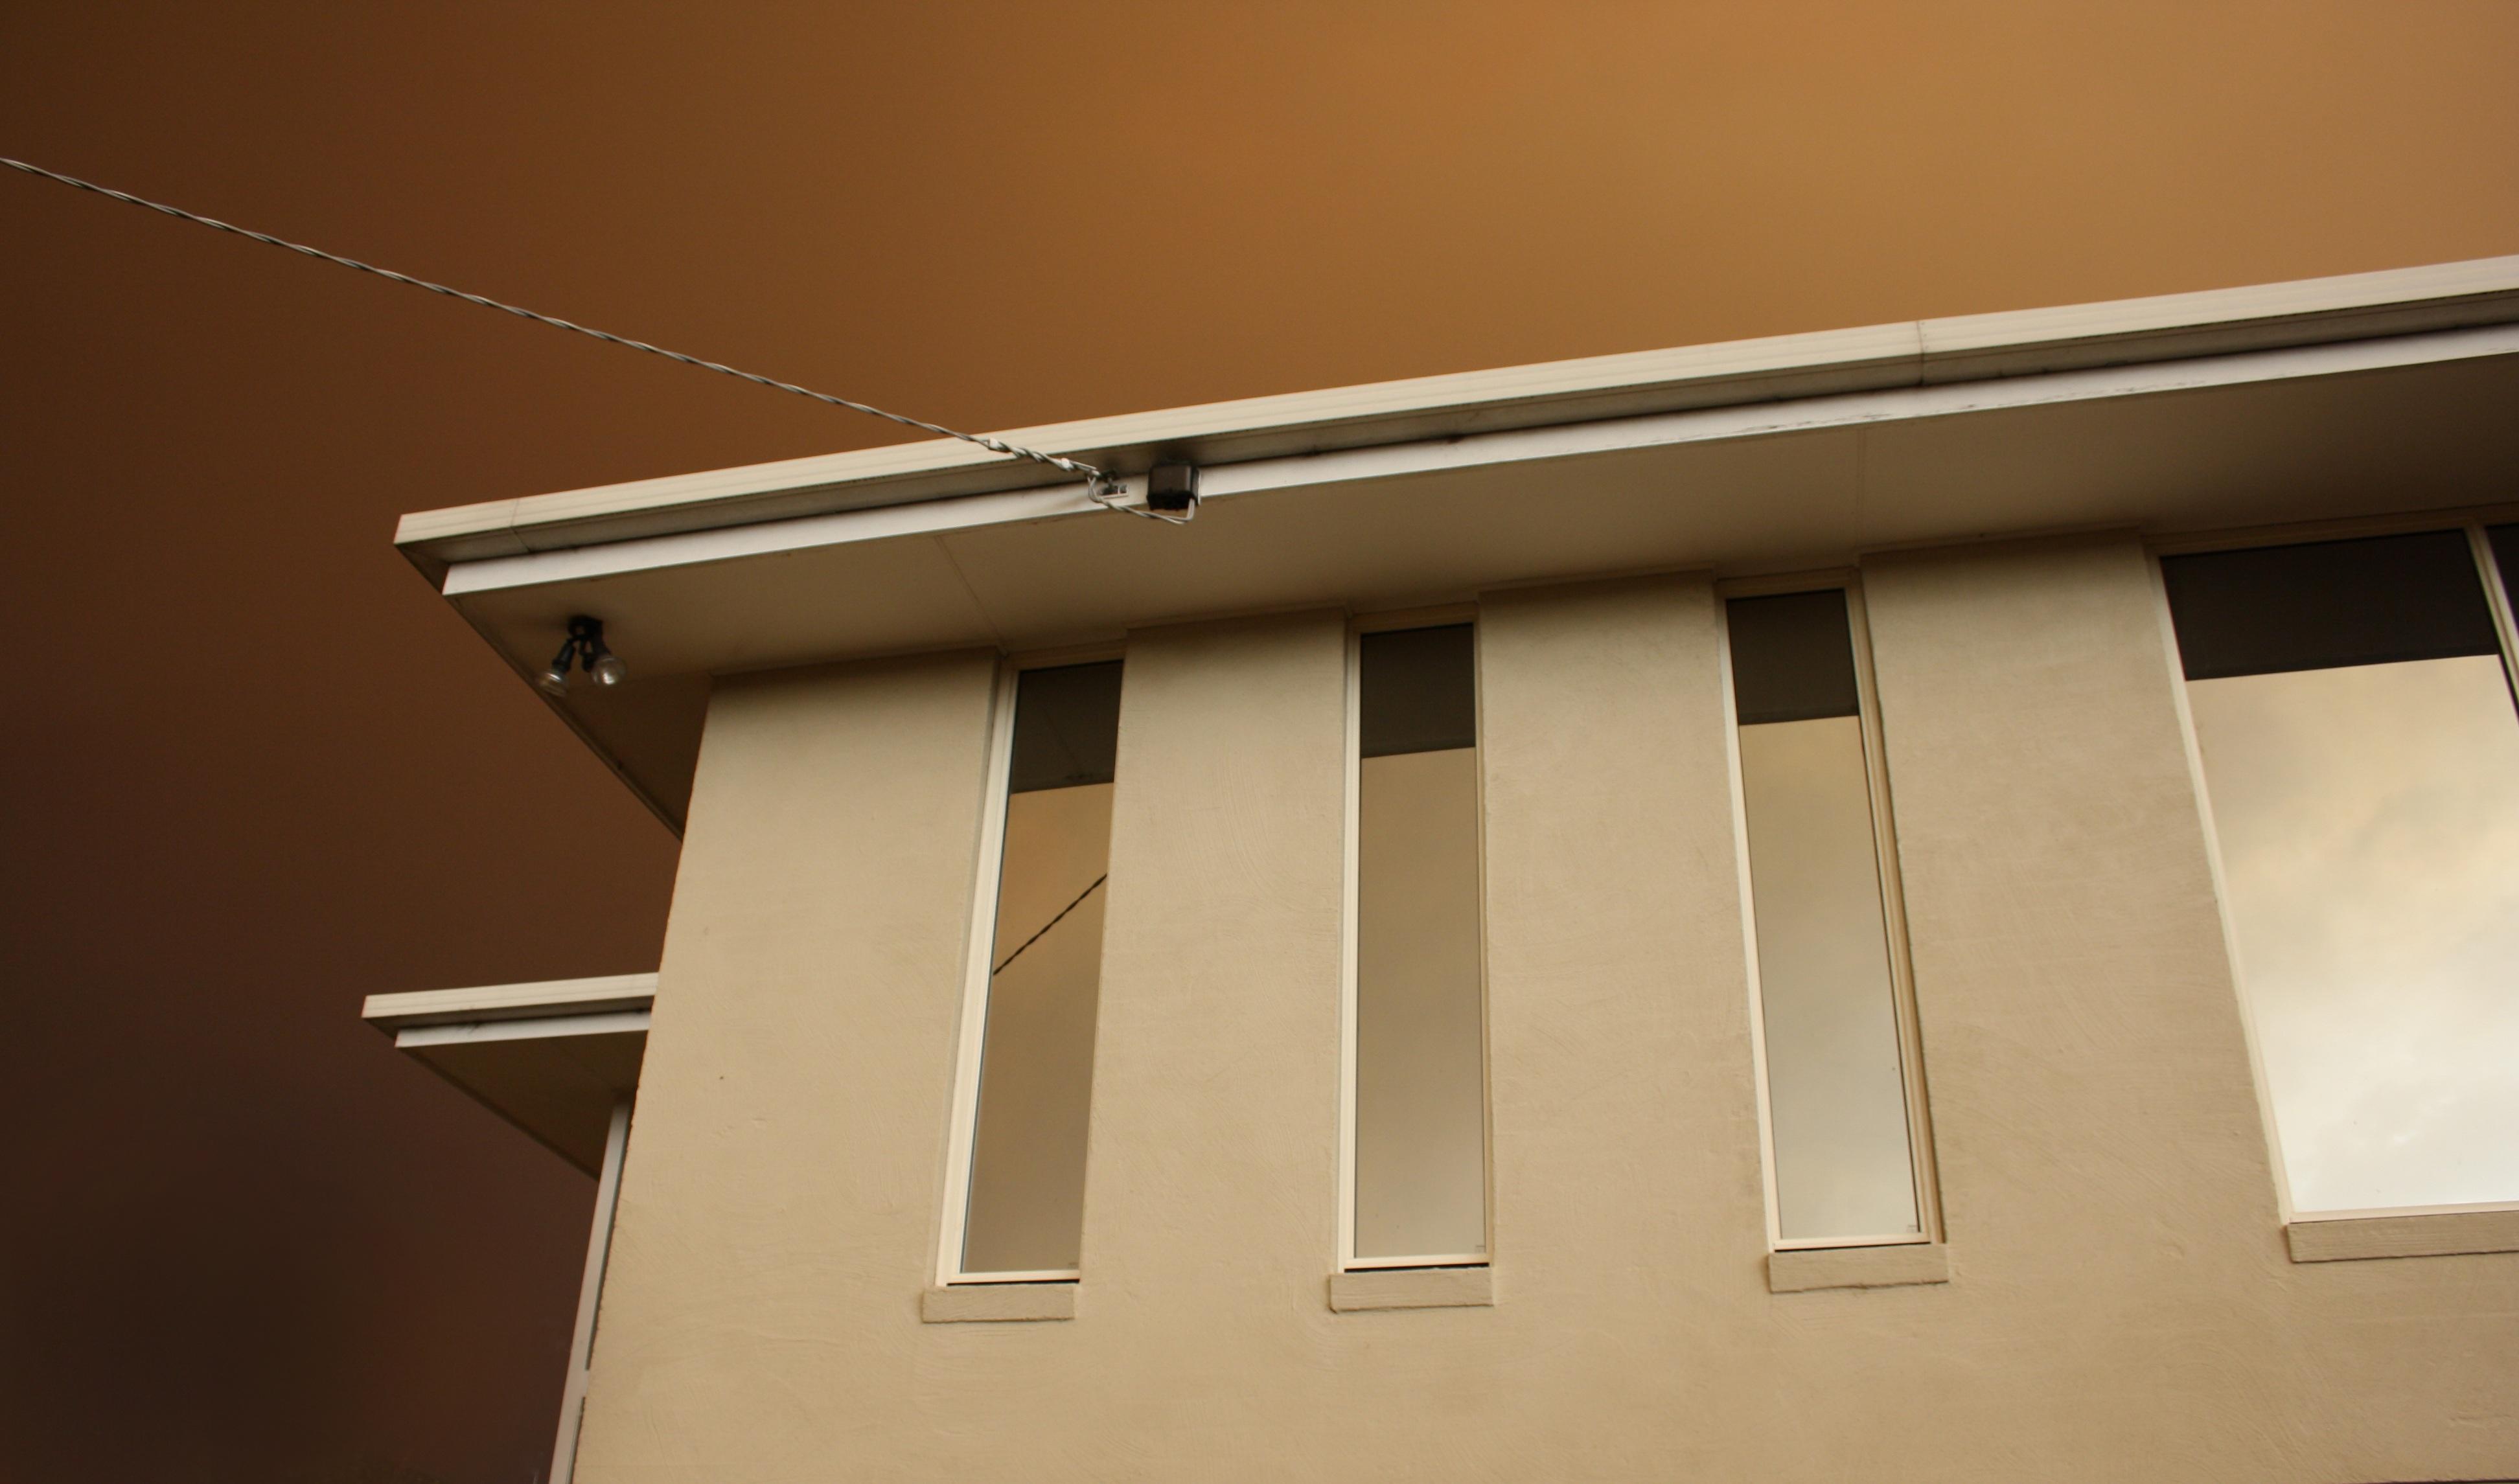 ligero cielo madera casa ventana pared techo iluminacin diseo de interiores pretil diseo ventanas lmpara moldura